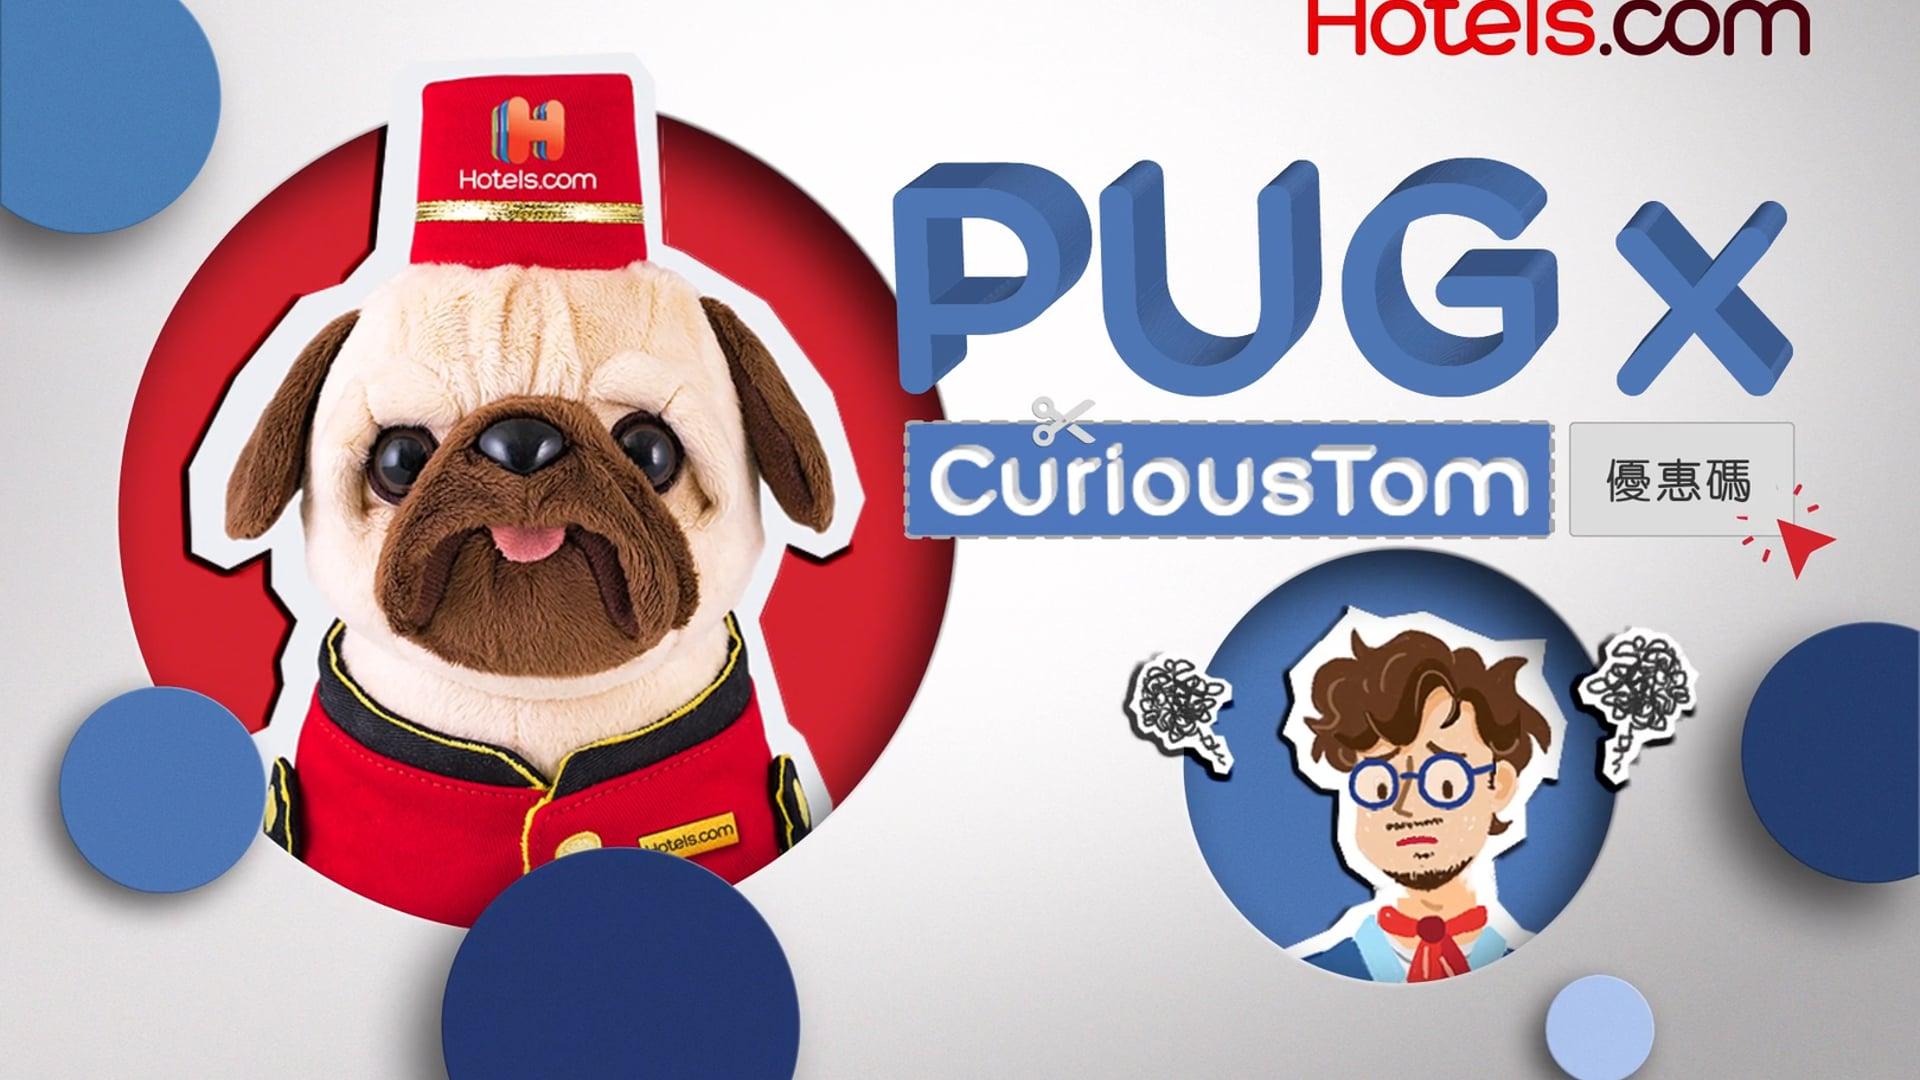 Hotels.com   Curious Tom